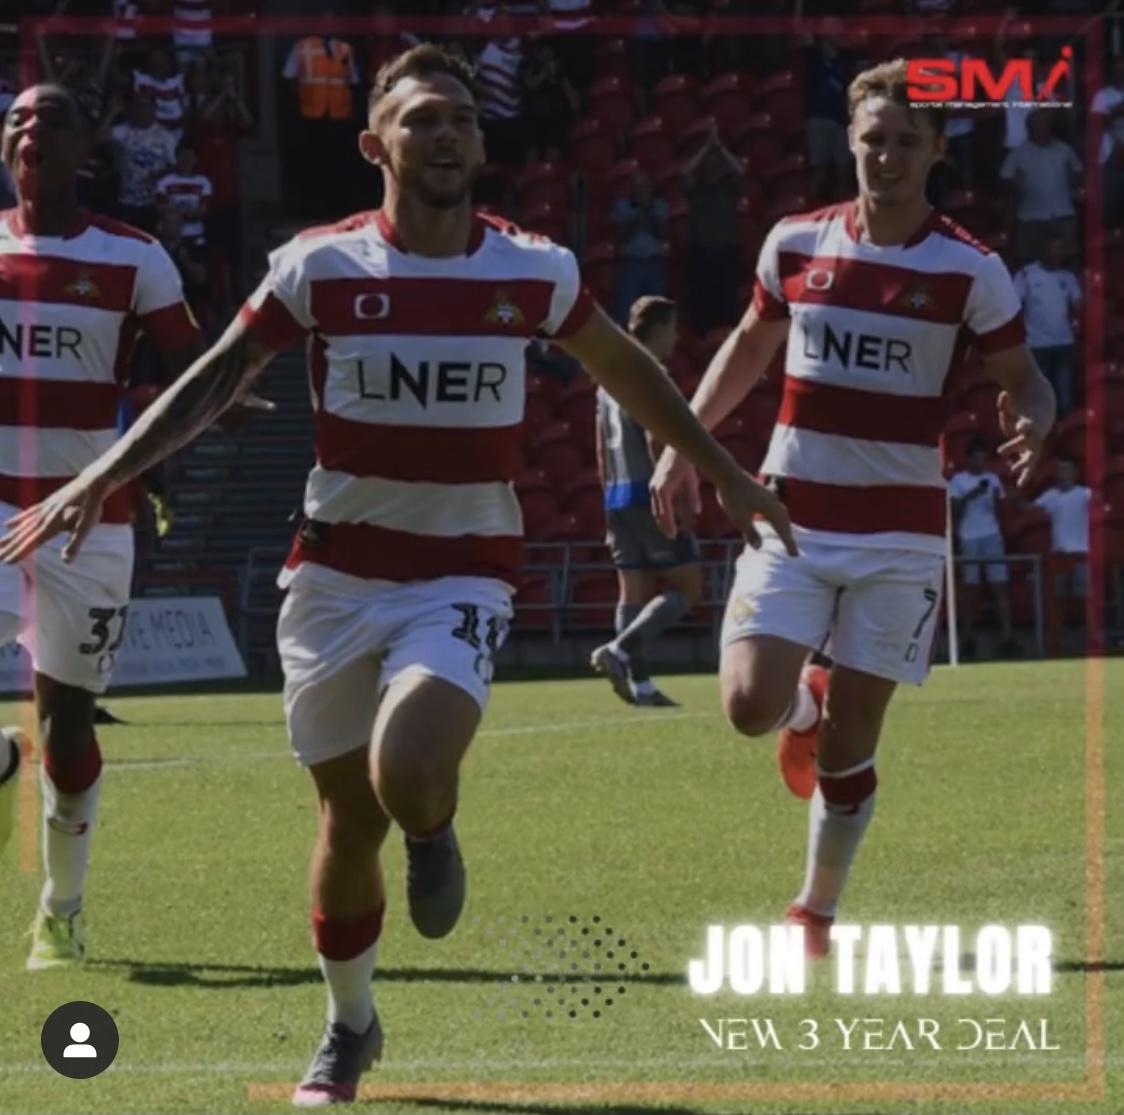 Jon Taylor new contract and PFA Award